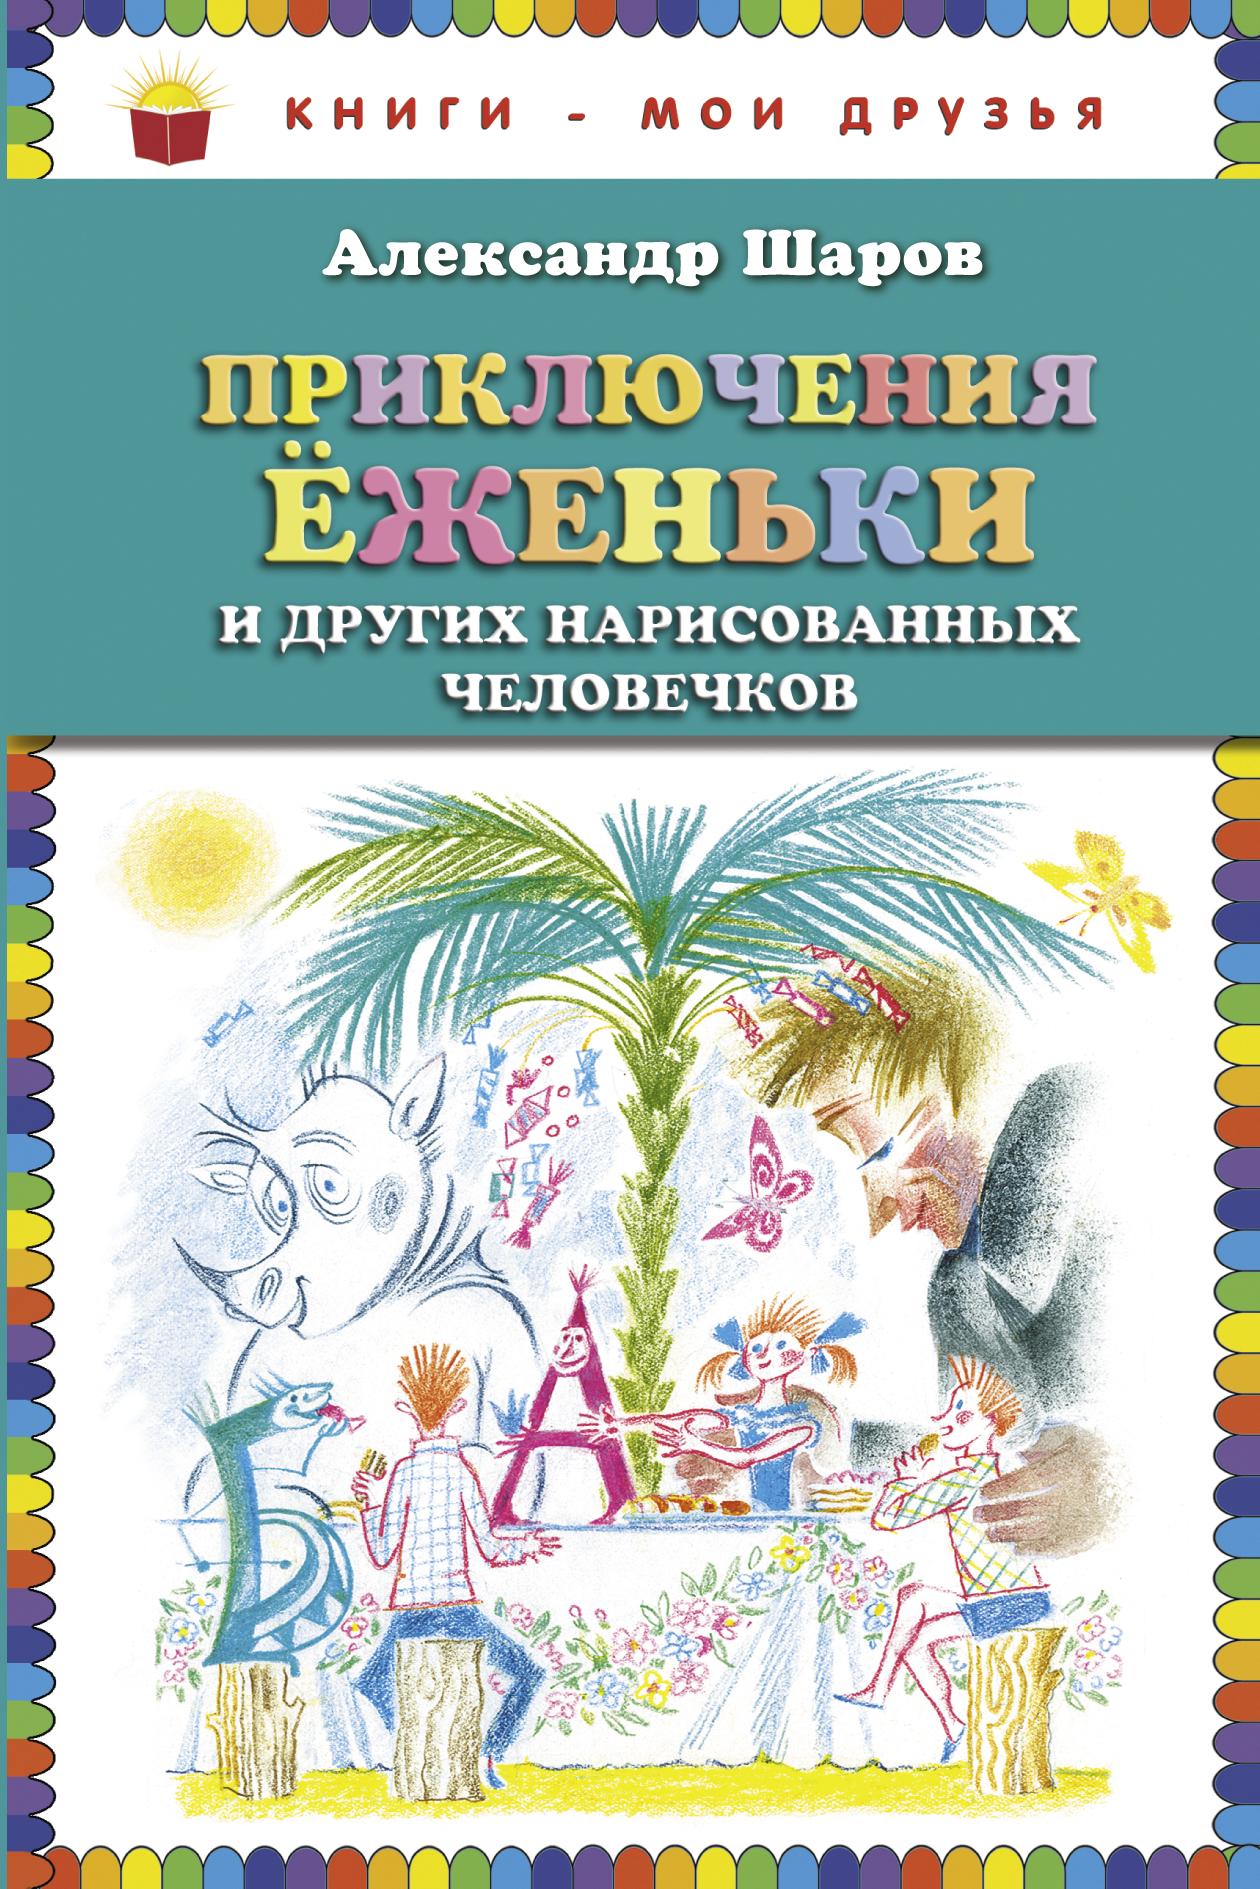 Александр Шаров Приключения Ёженьки и других нарисованных человечков (ст. изд.)